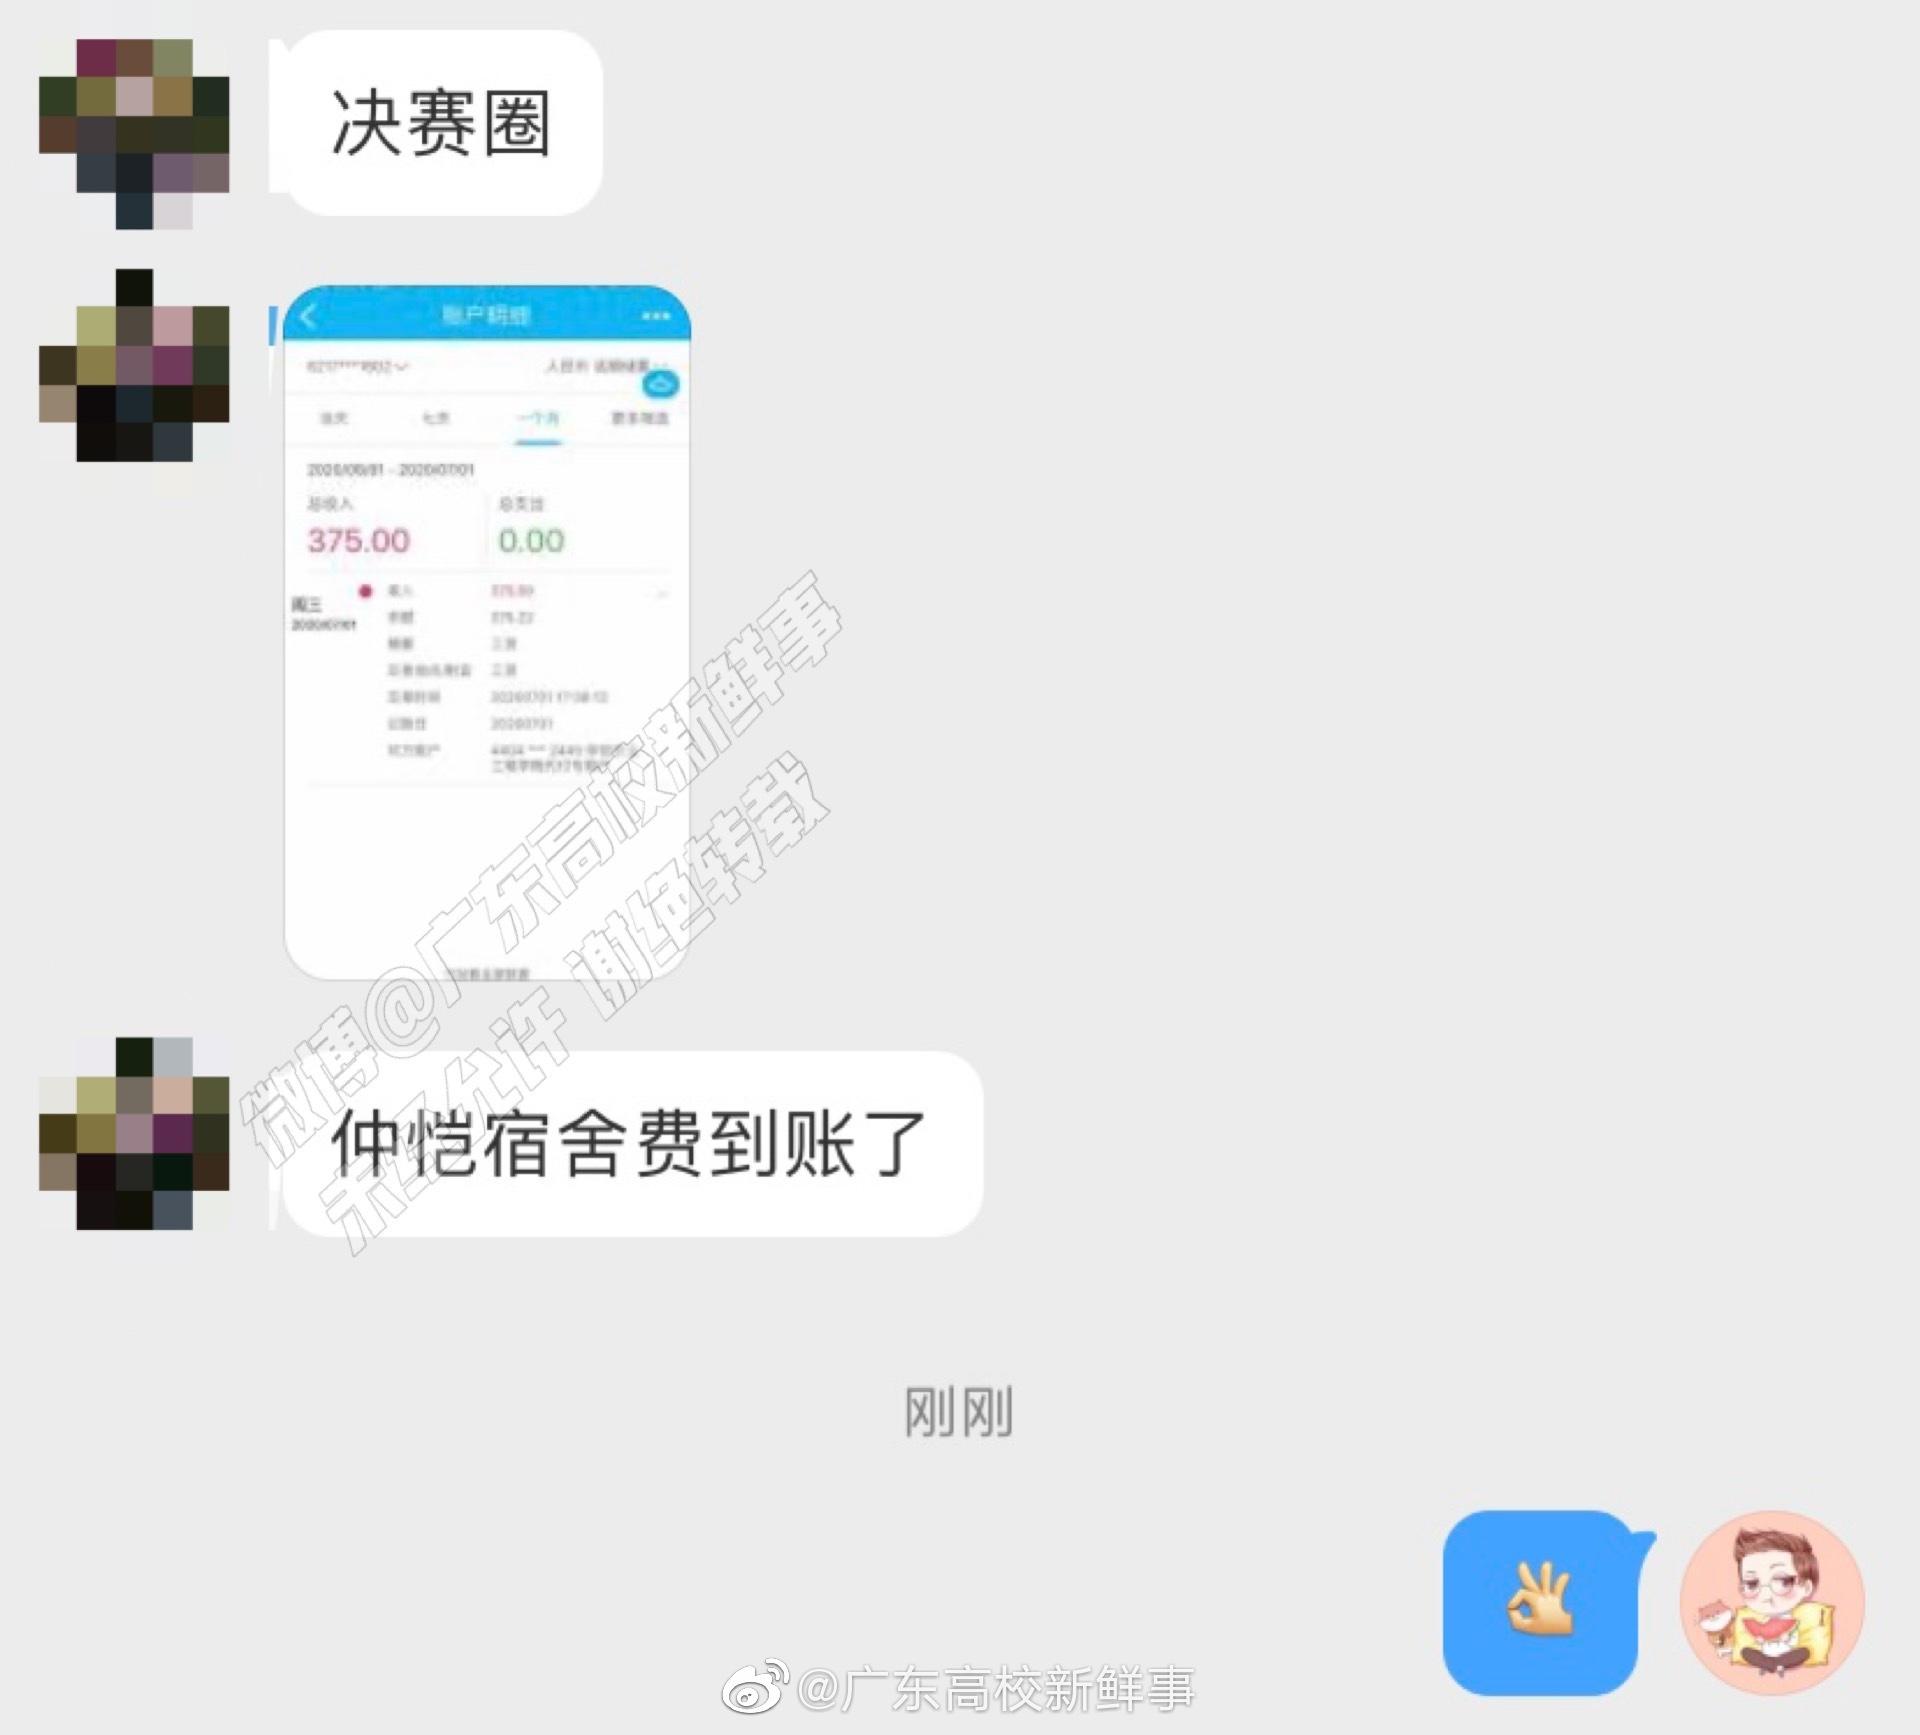 仲恺农业工程学院、广州大学华软软件学院、广东女子职业技术学院住宿